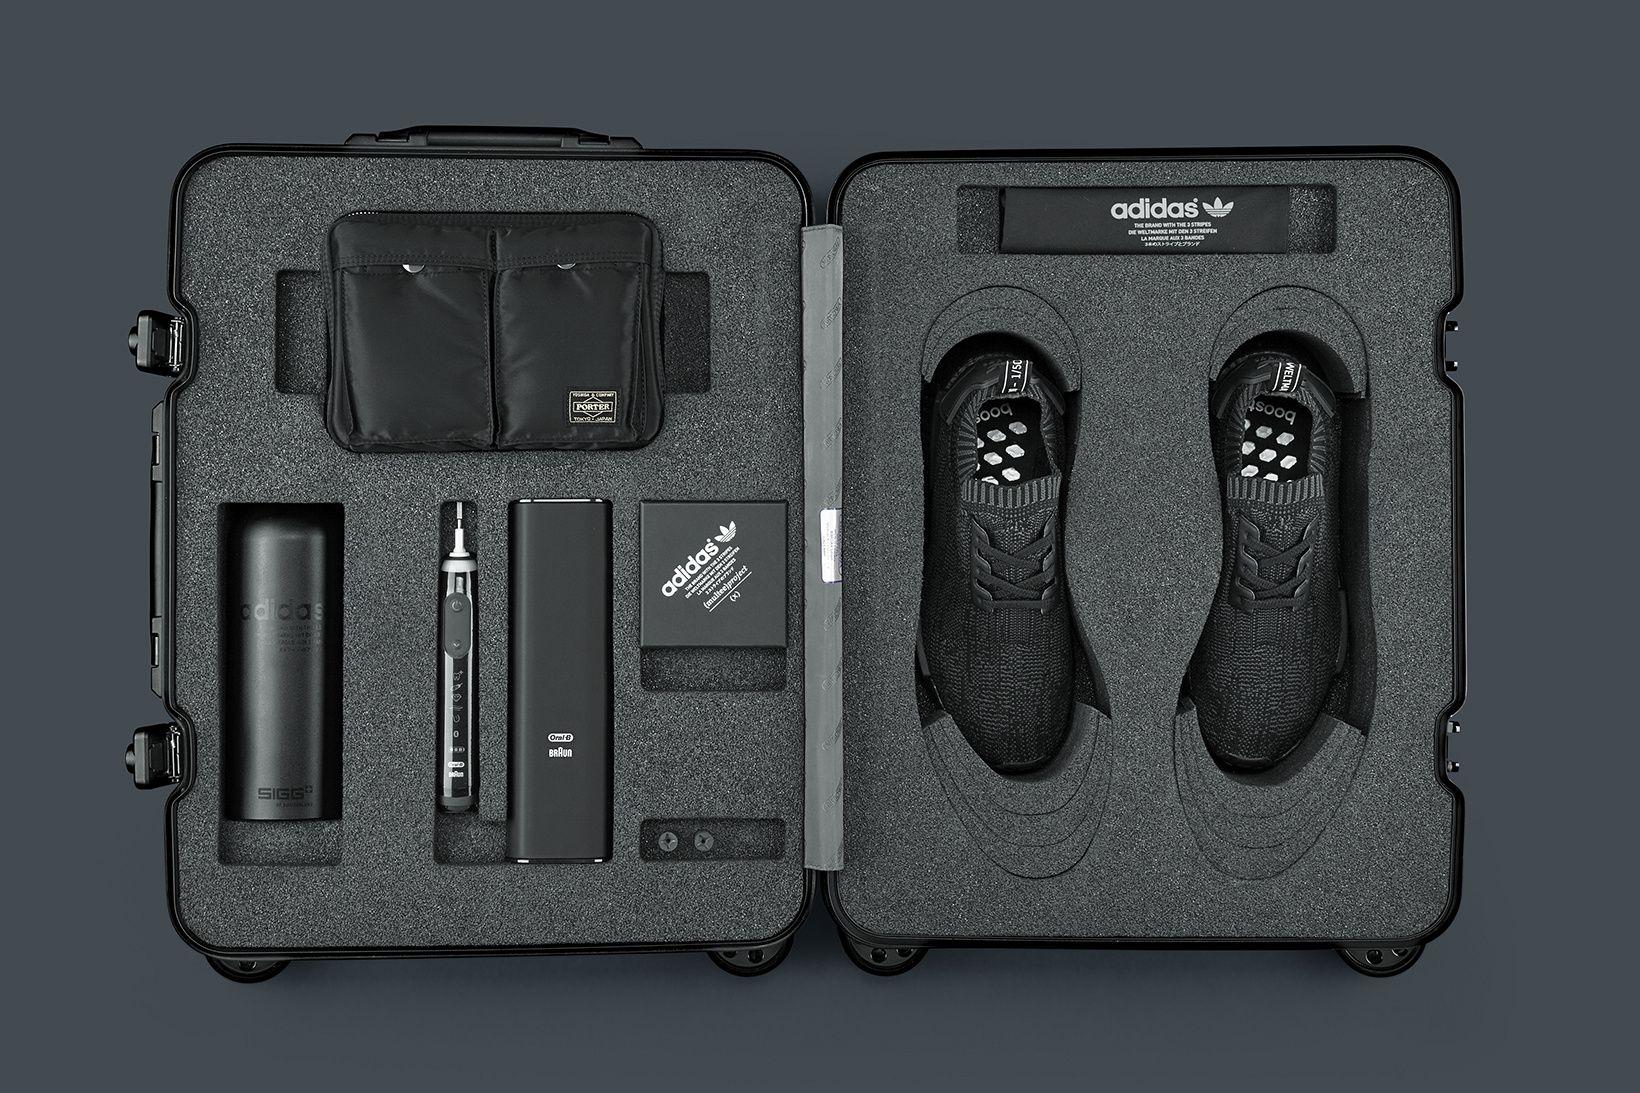 7b9d336cf adidas Originals Reveals the Ultra-Rare NMD R1 PK